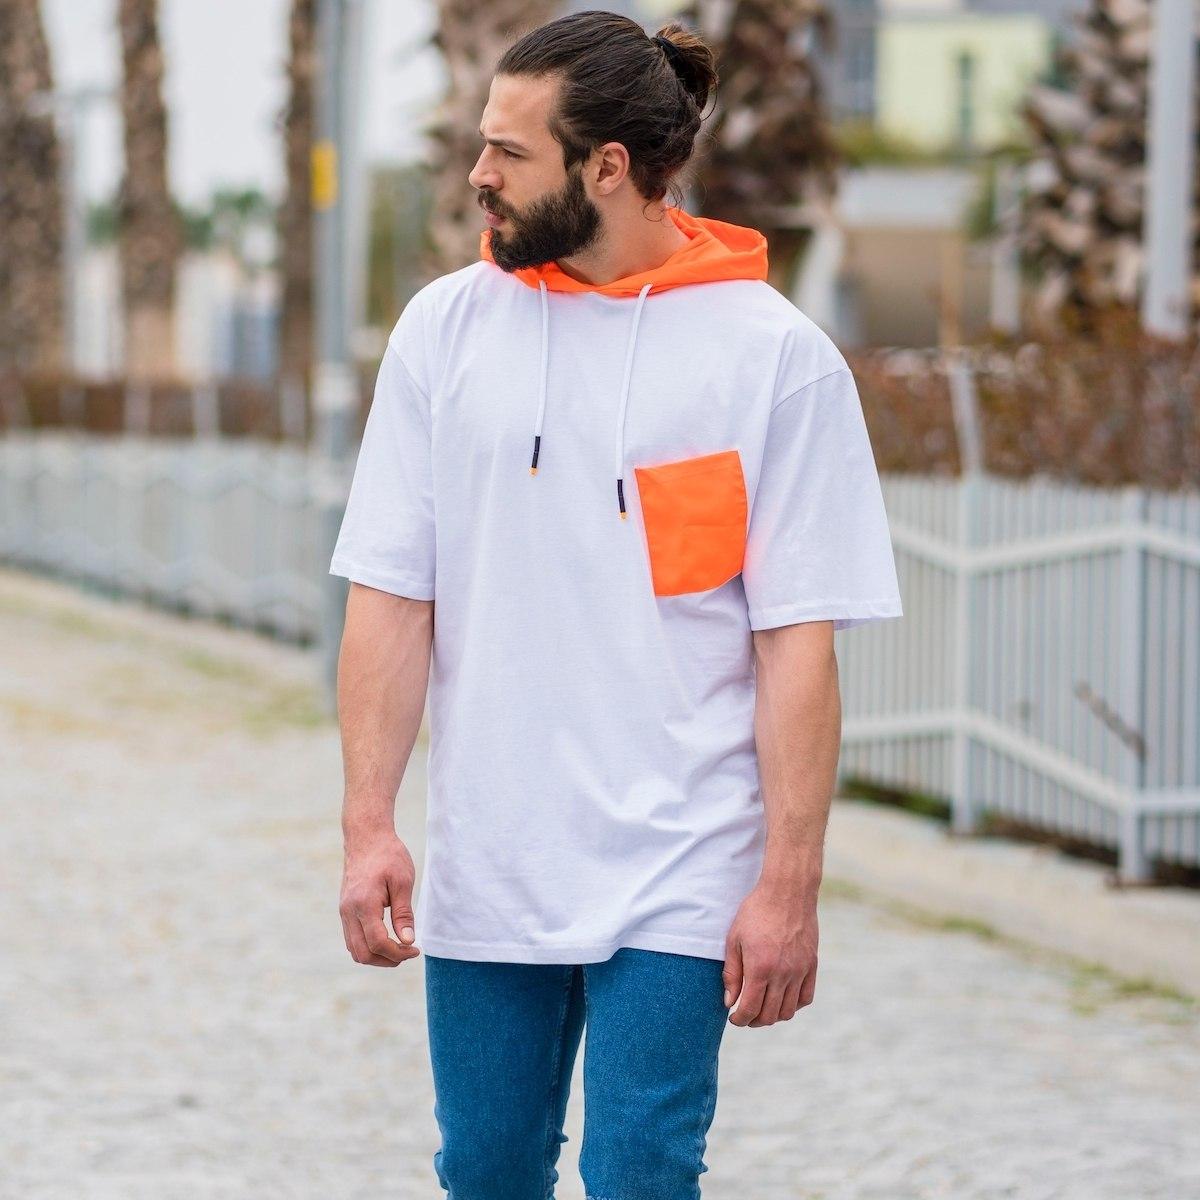 Men's Hallf-Sleeved Hoodie With Rainproof Hood In White